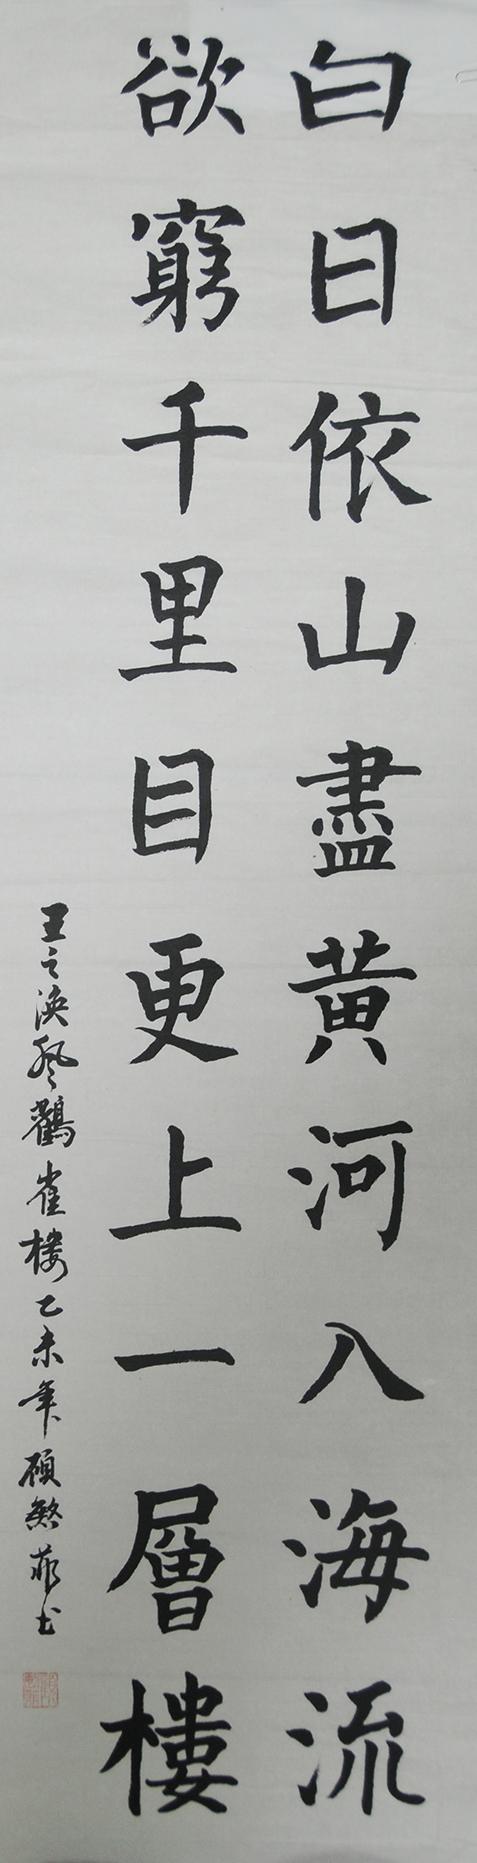 顾愍菲 白日黄河